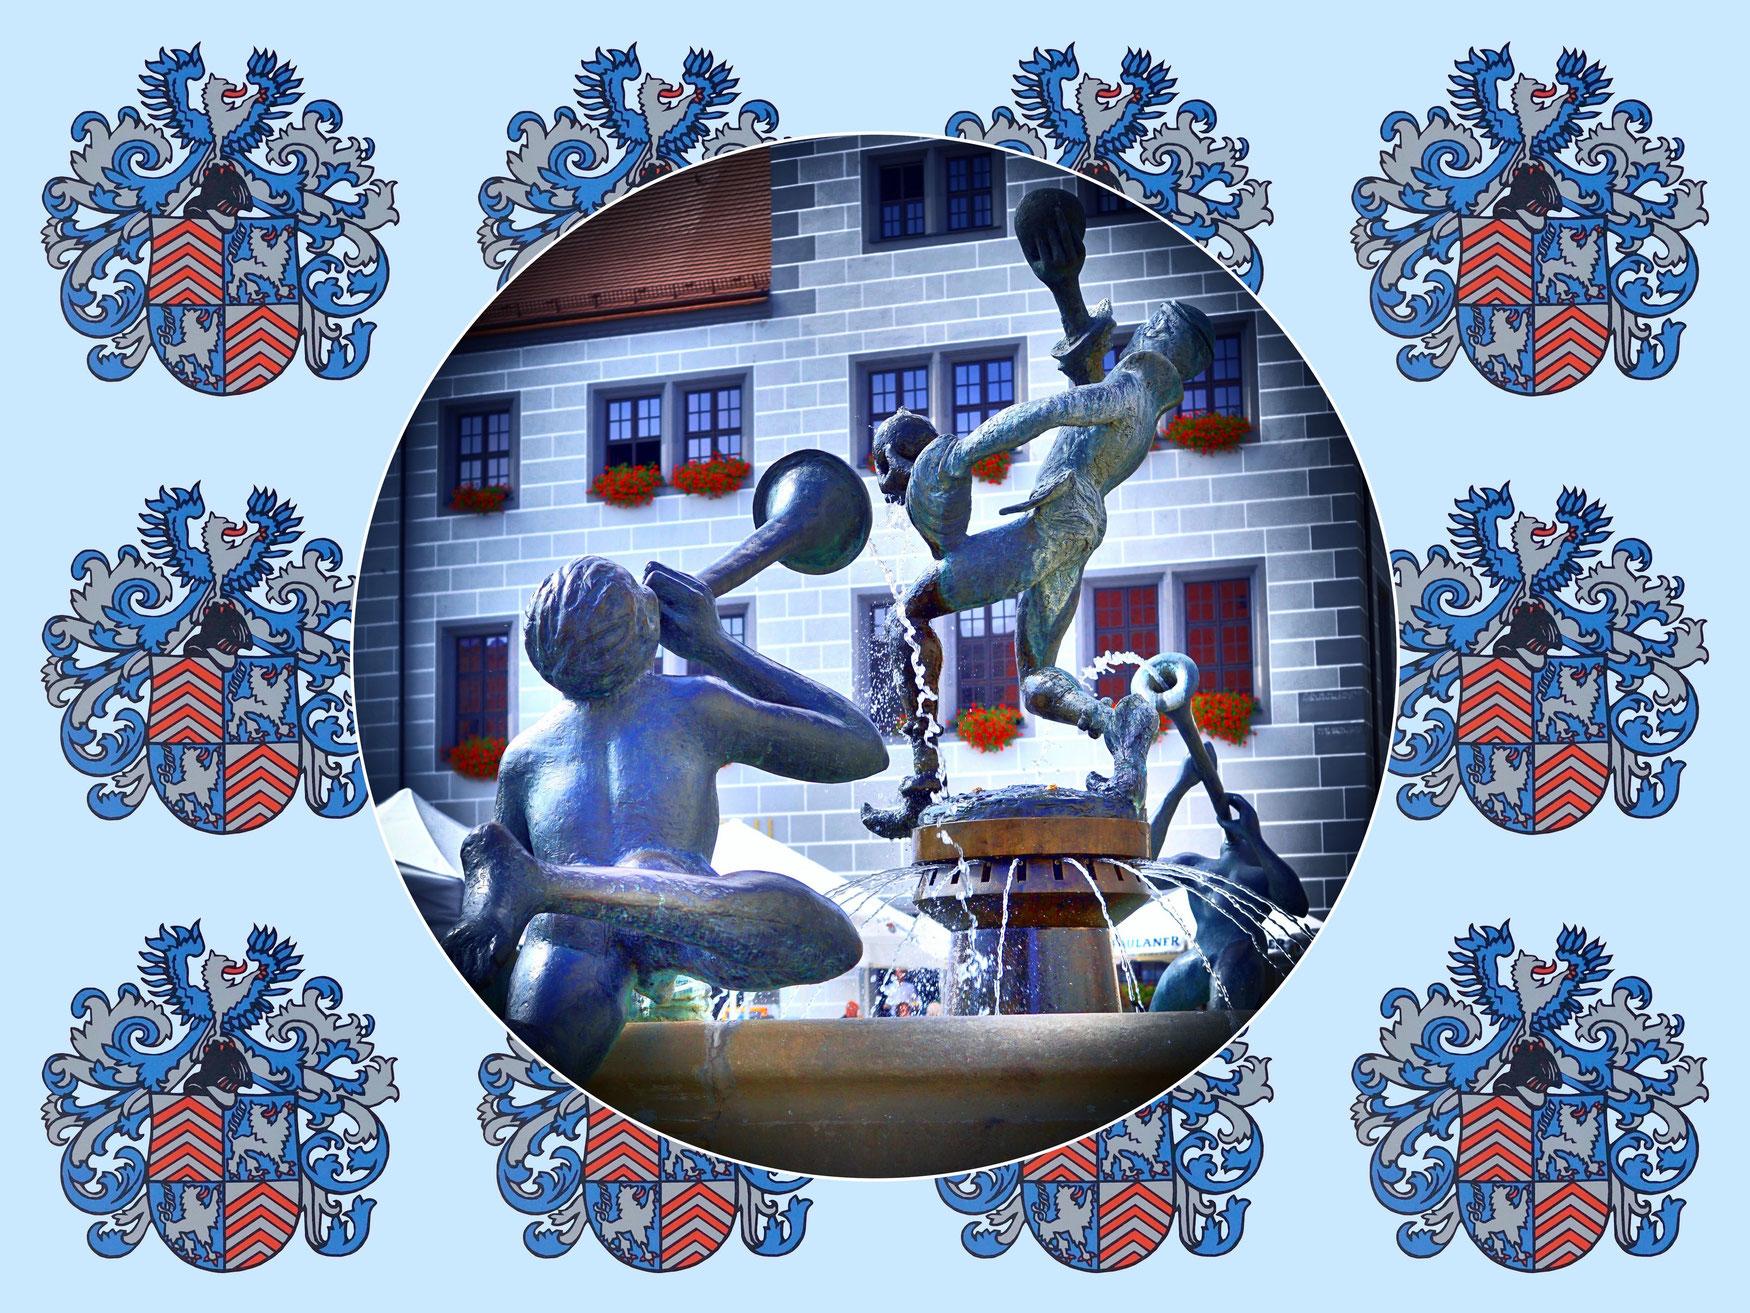 Laga 2022 Torgau: Nun ist es soweit! Mit dem symbolischen ...